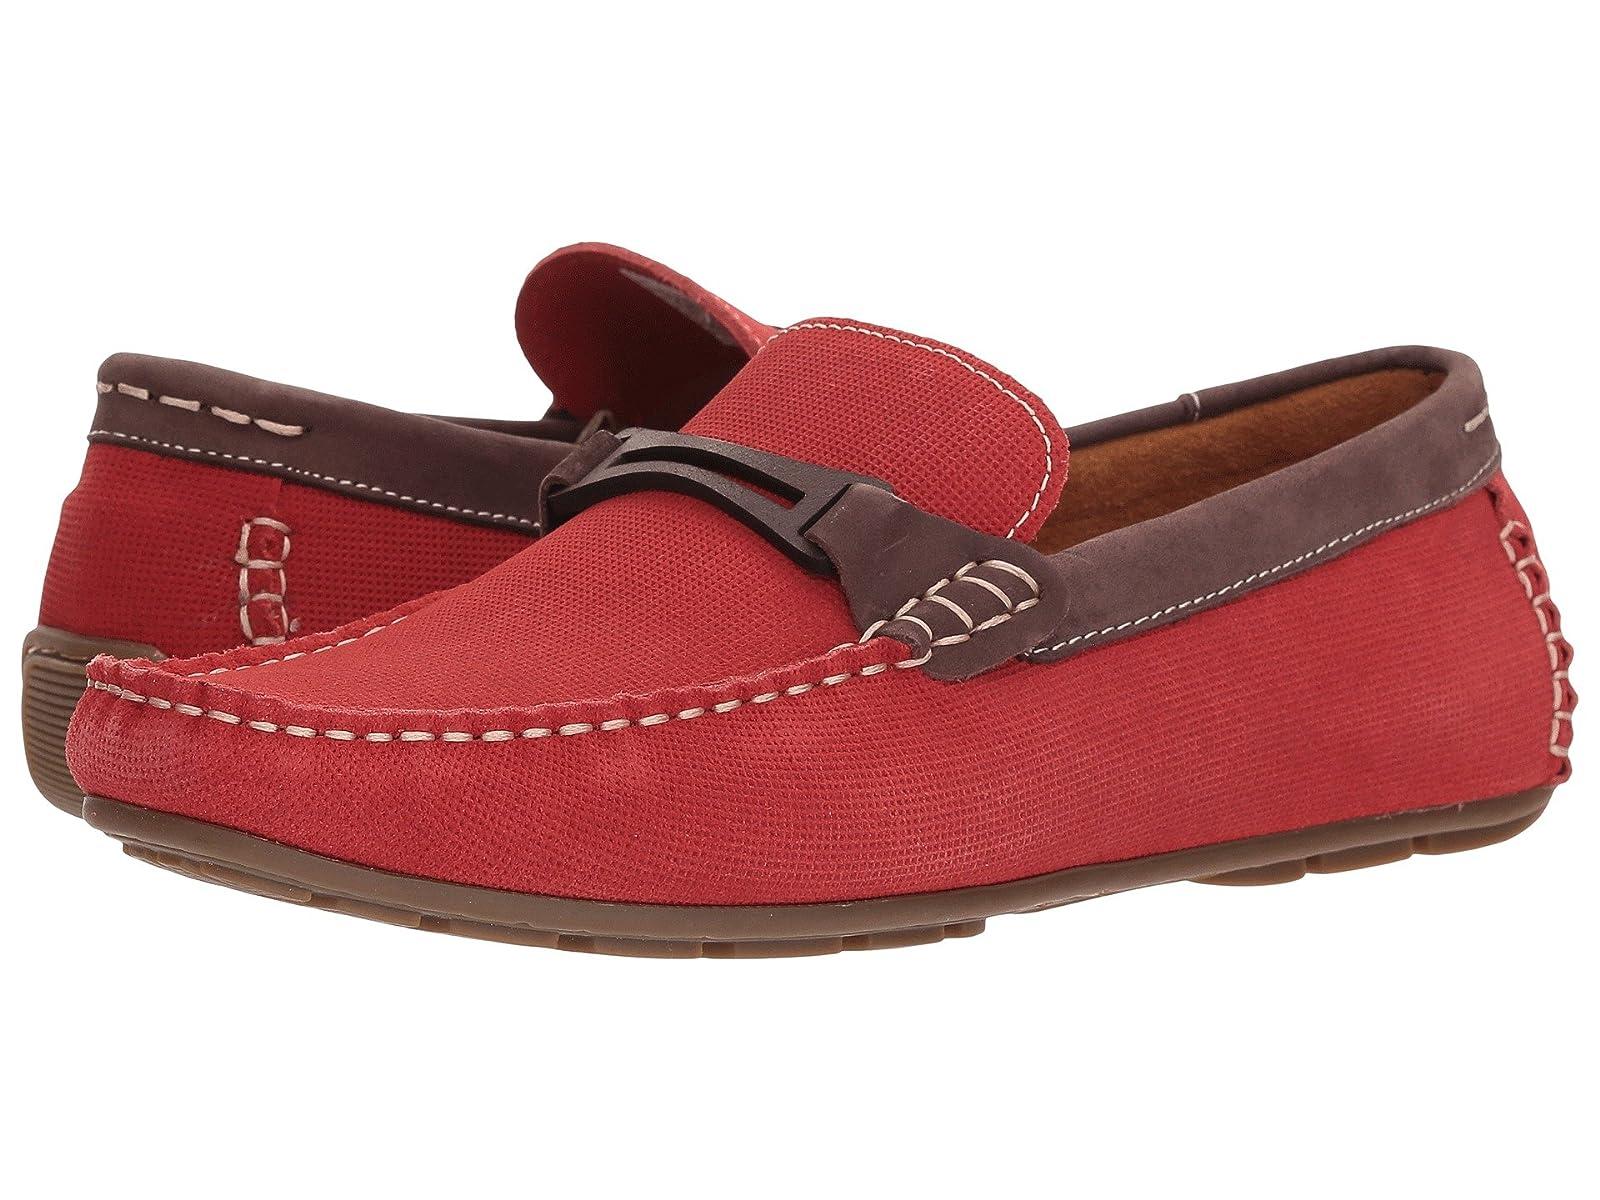 Steve Madden GarlandAtmospheric grades have affordable shoes